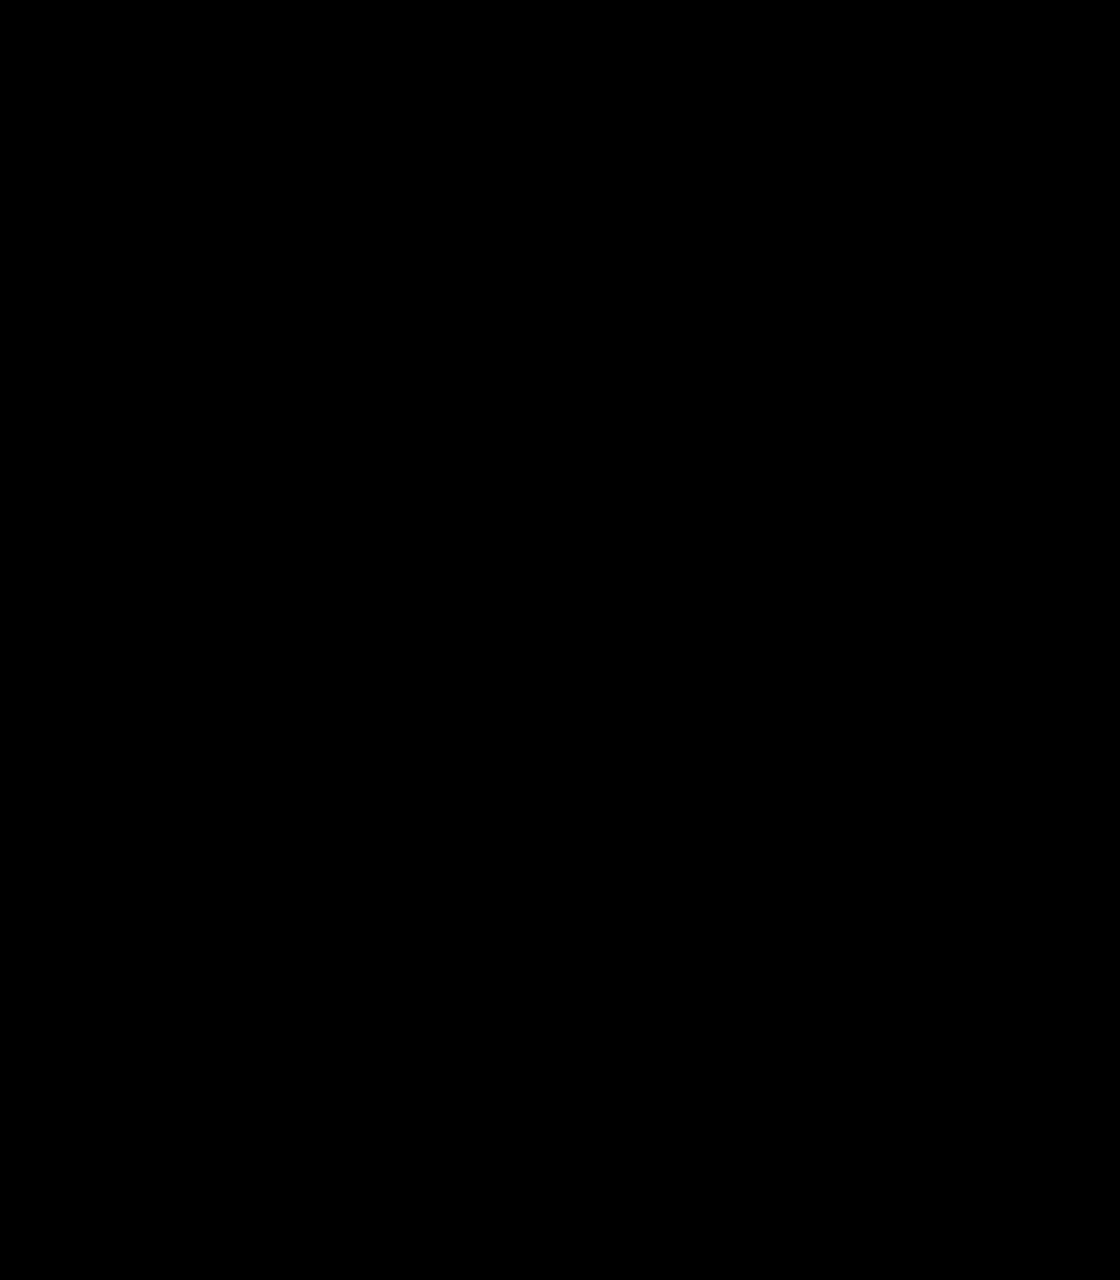 POELES à BOIS Fonte – Flamme et Energie – Diffusion  BigMat Germat